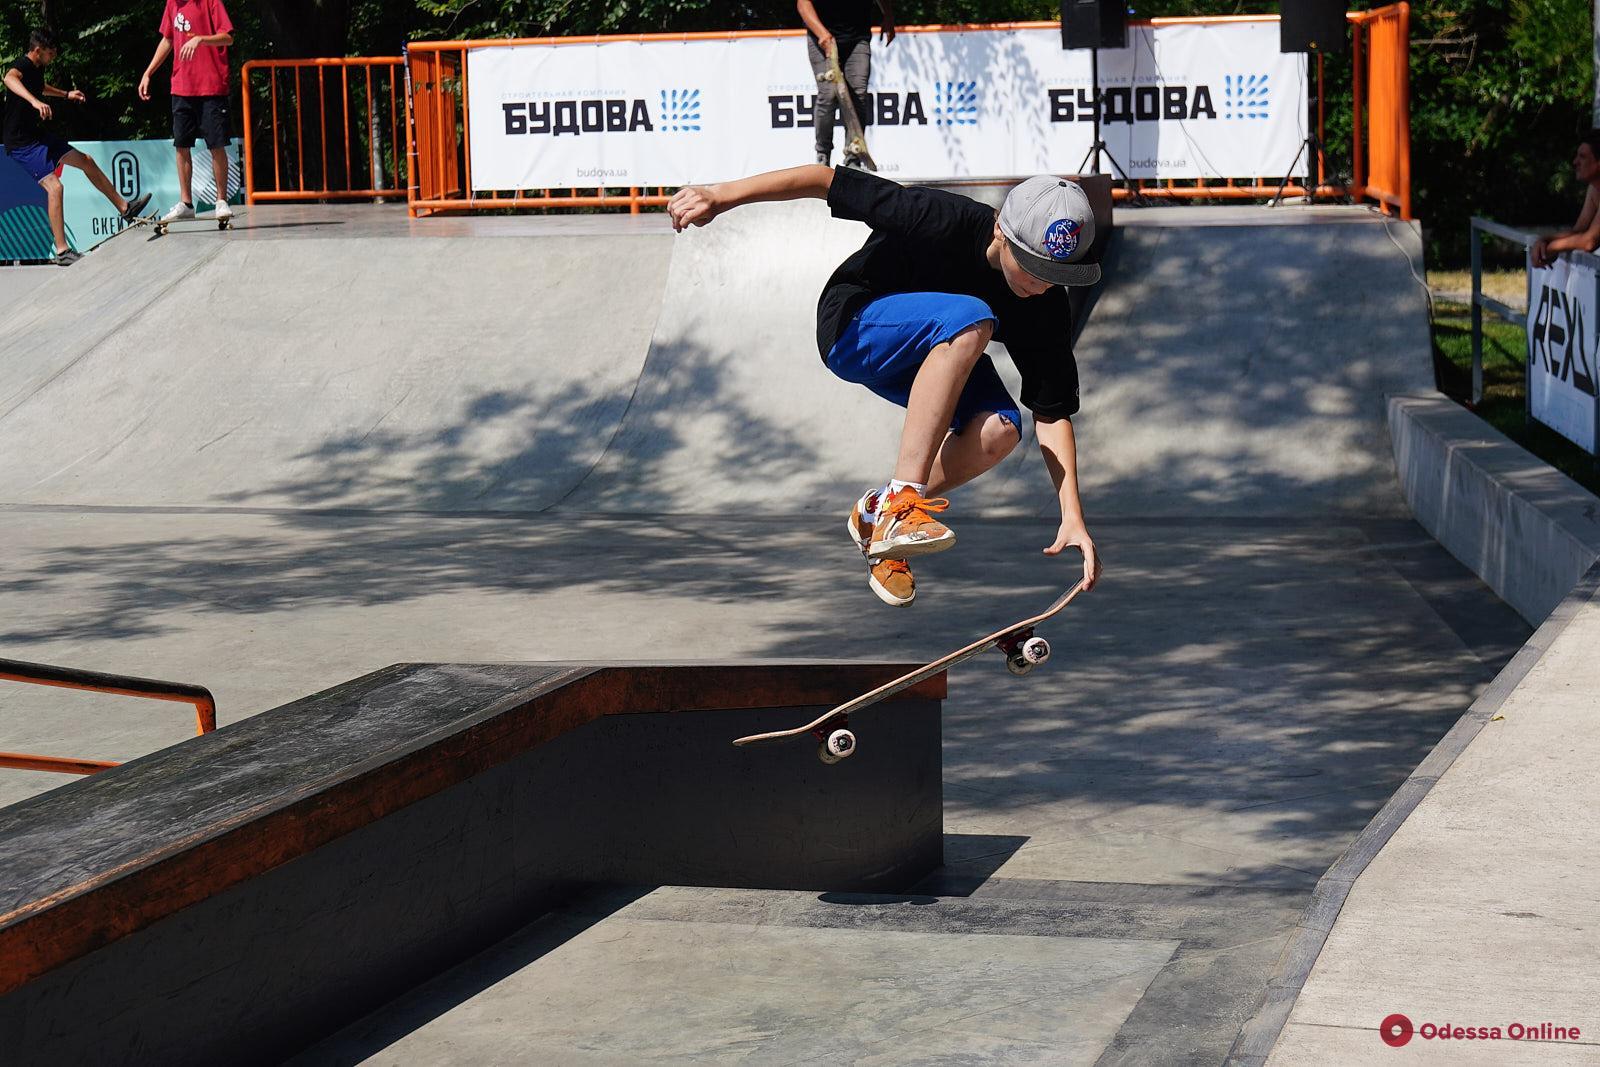 Одесские экстремалы открывают новый сезон в скейтпарке